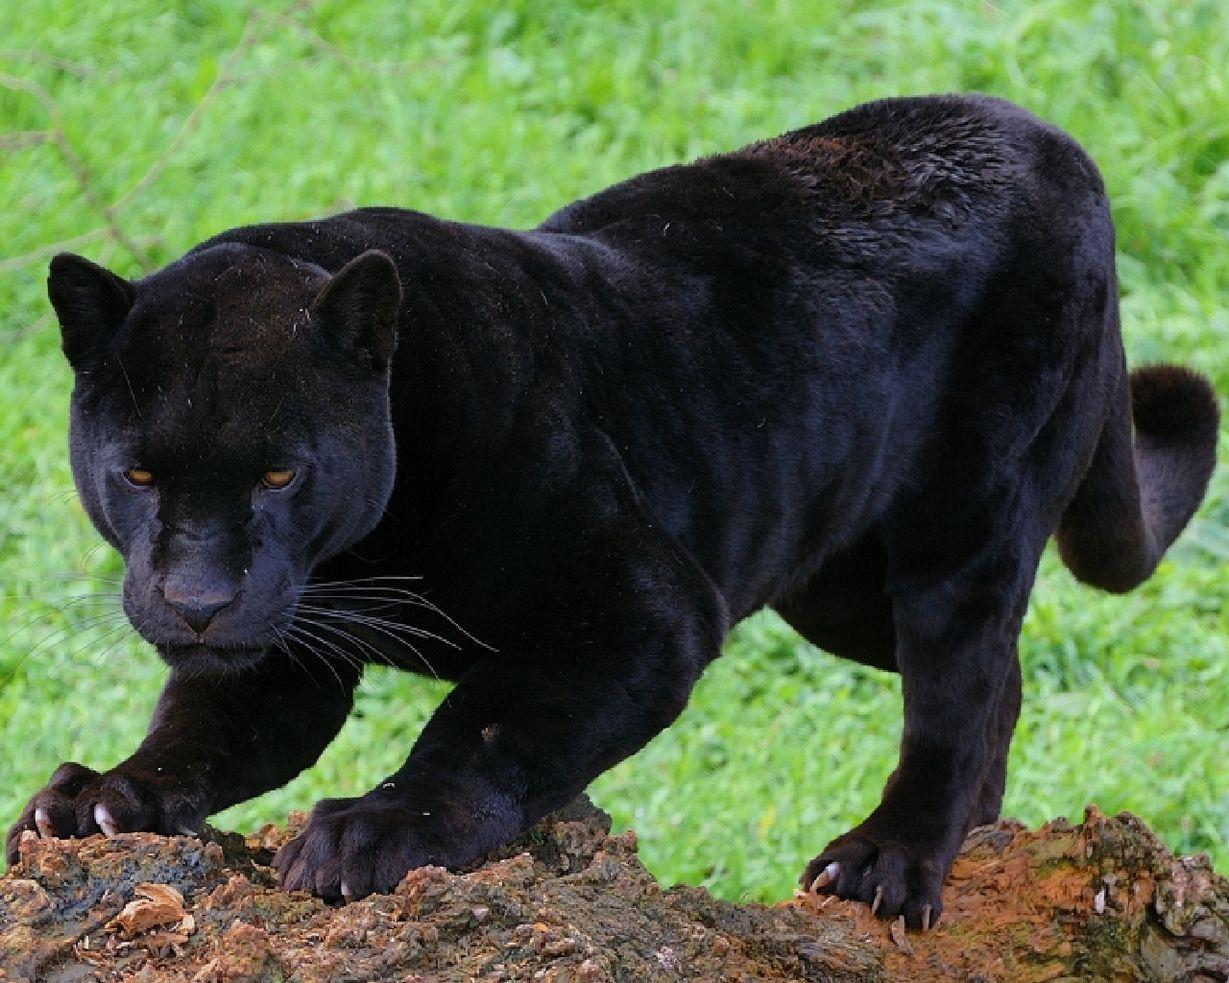 нас смотреть картинки животных пантера становится учреждением, который